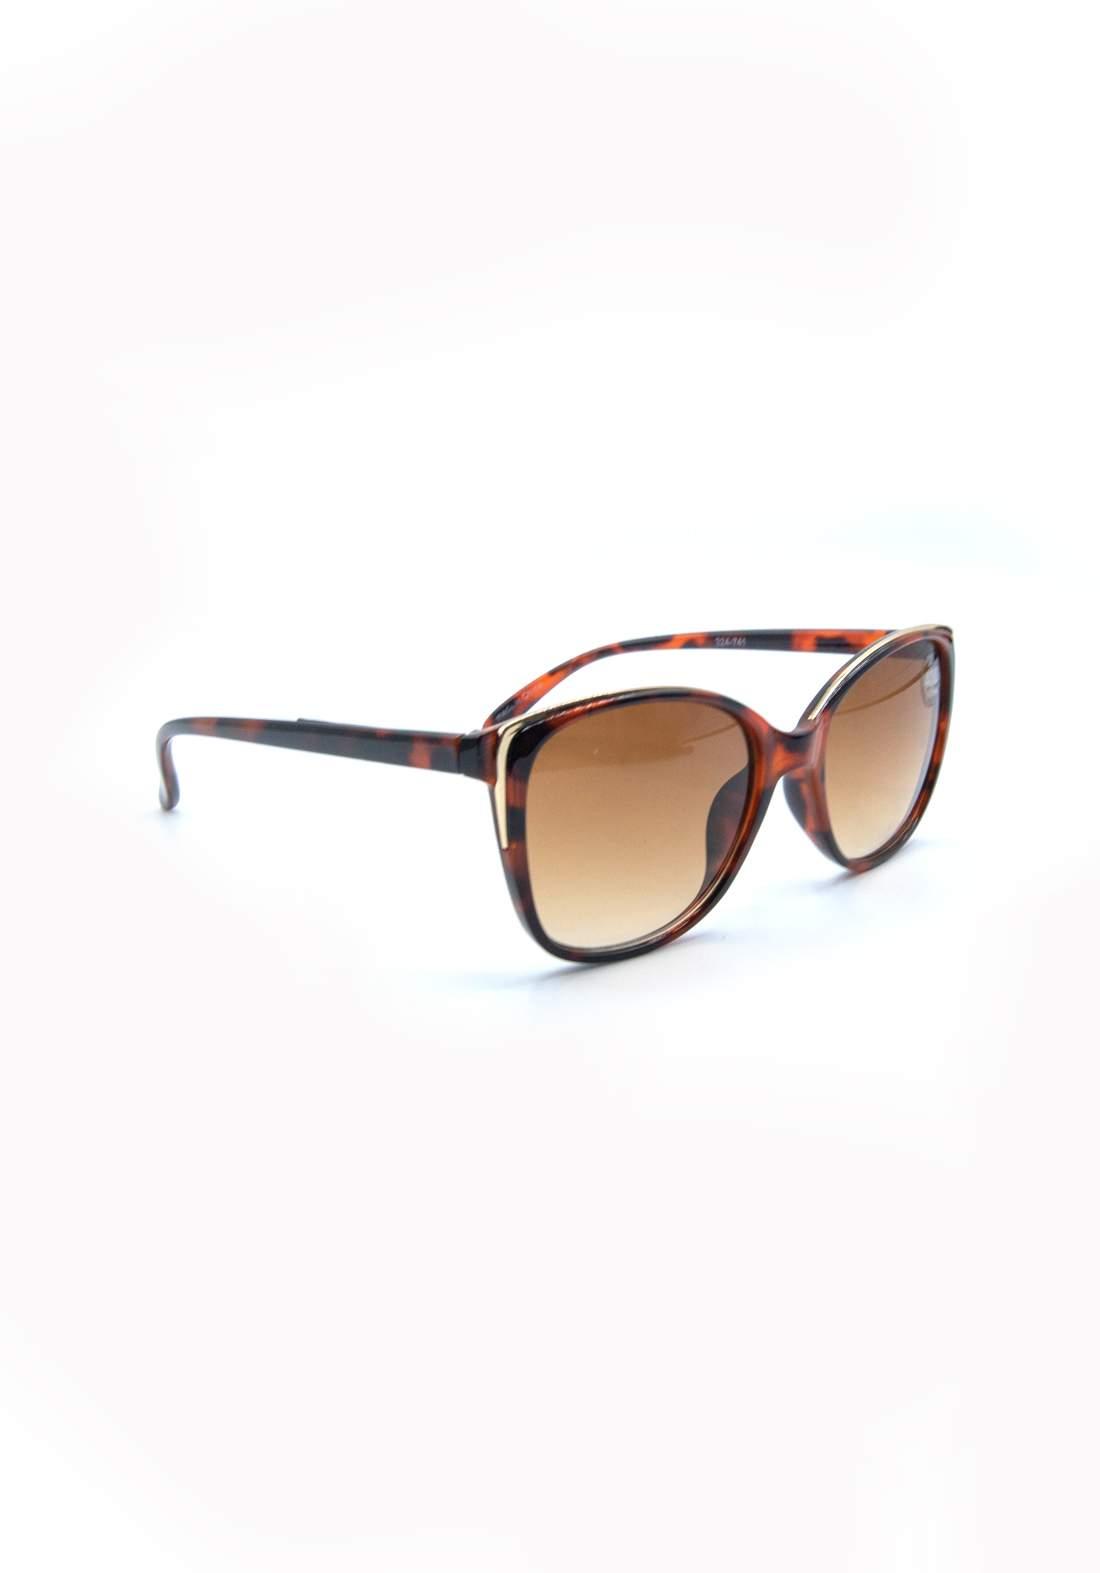 نظارة شمسية نسائية بأطار بني اللون